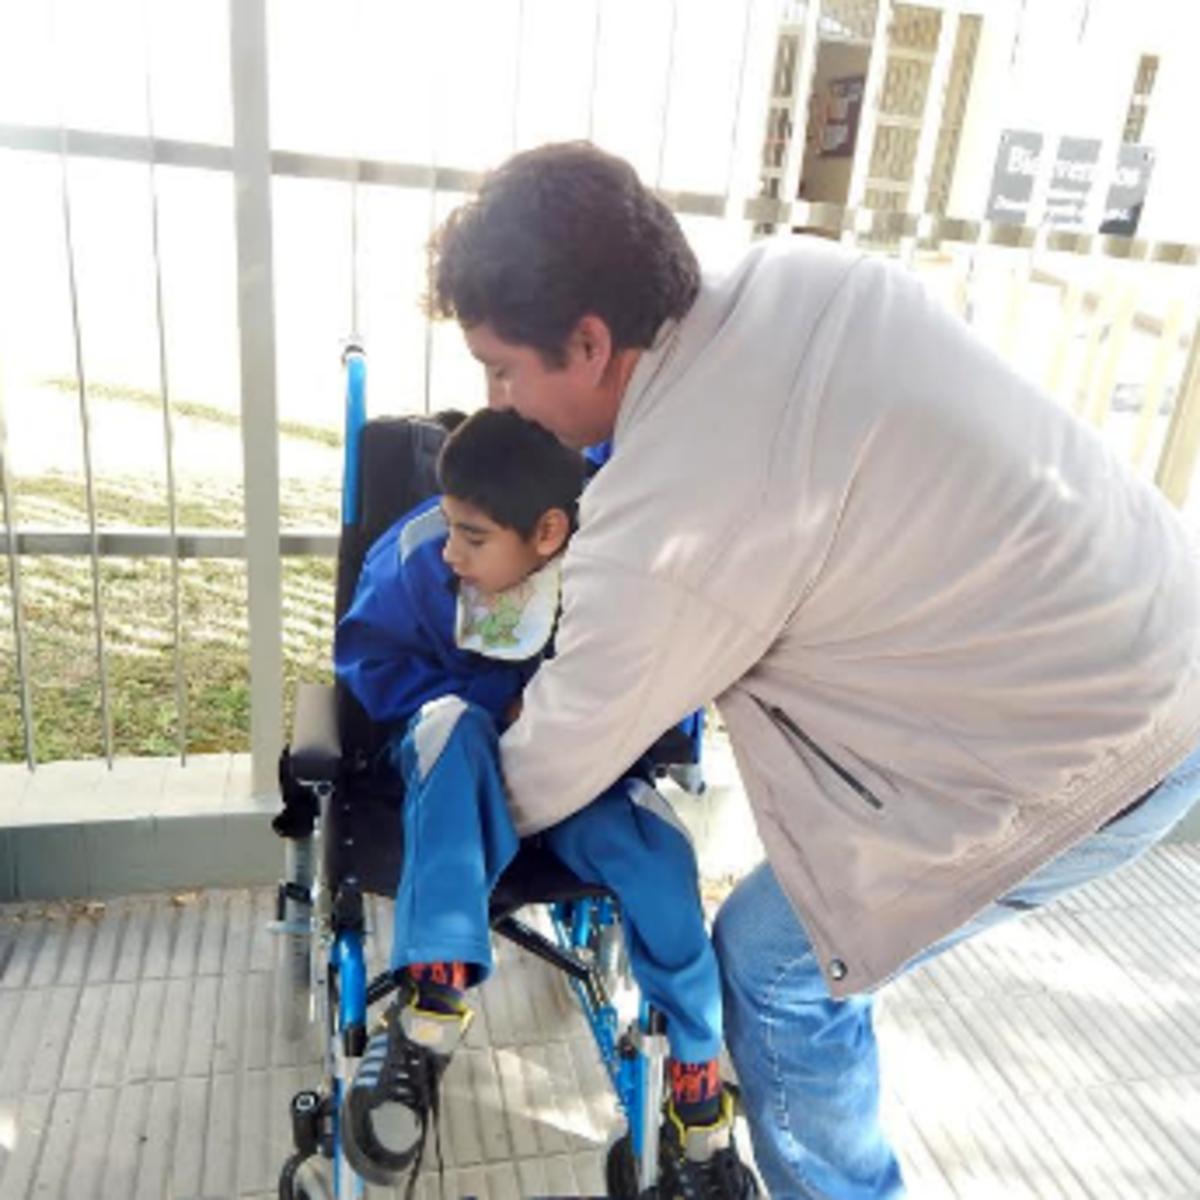 Donacion de sillas de ruedas en Cordoba02.png